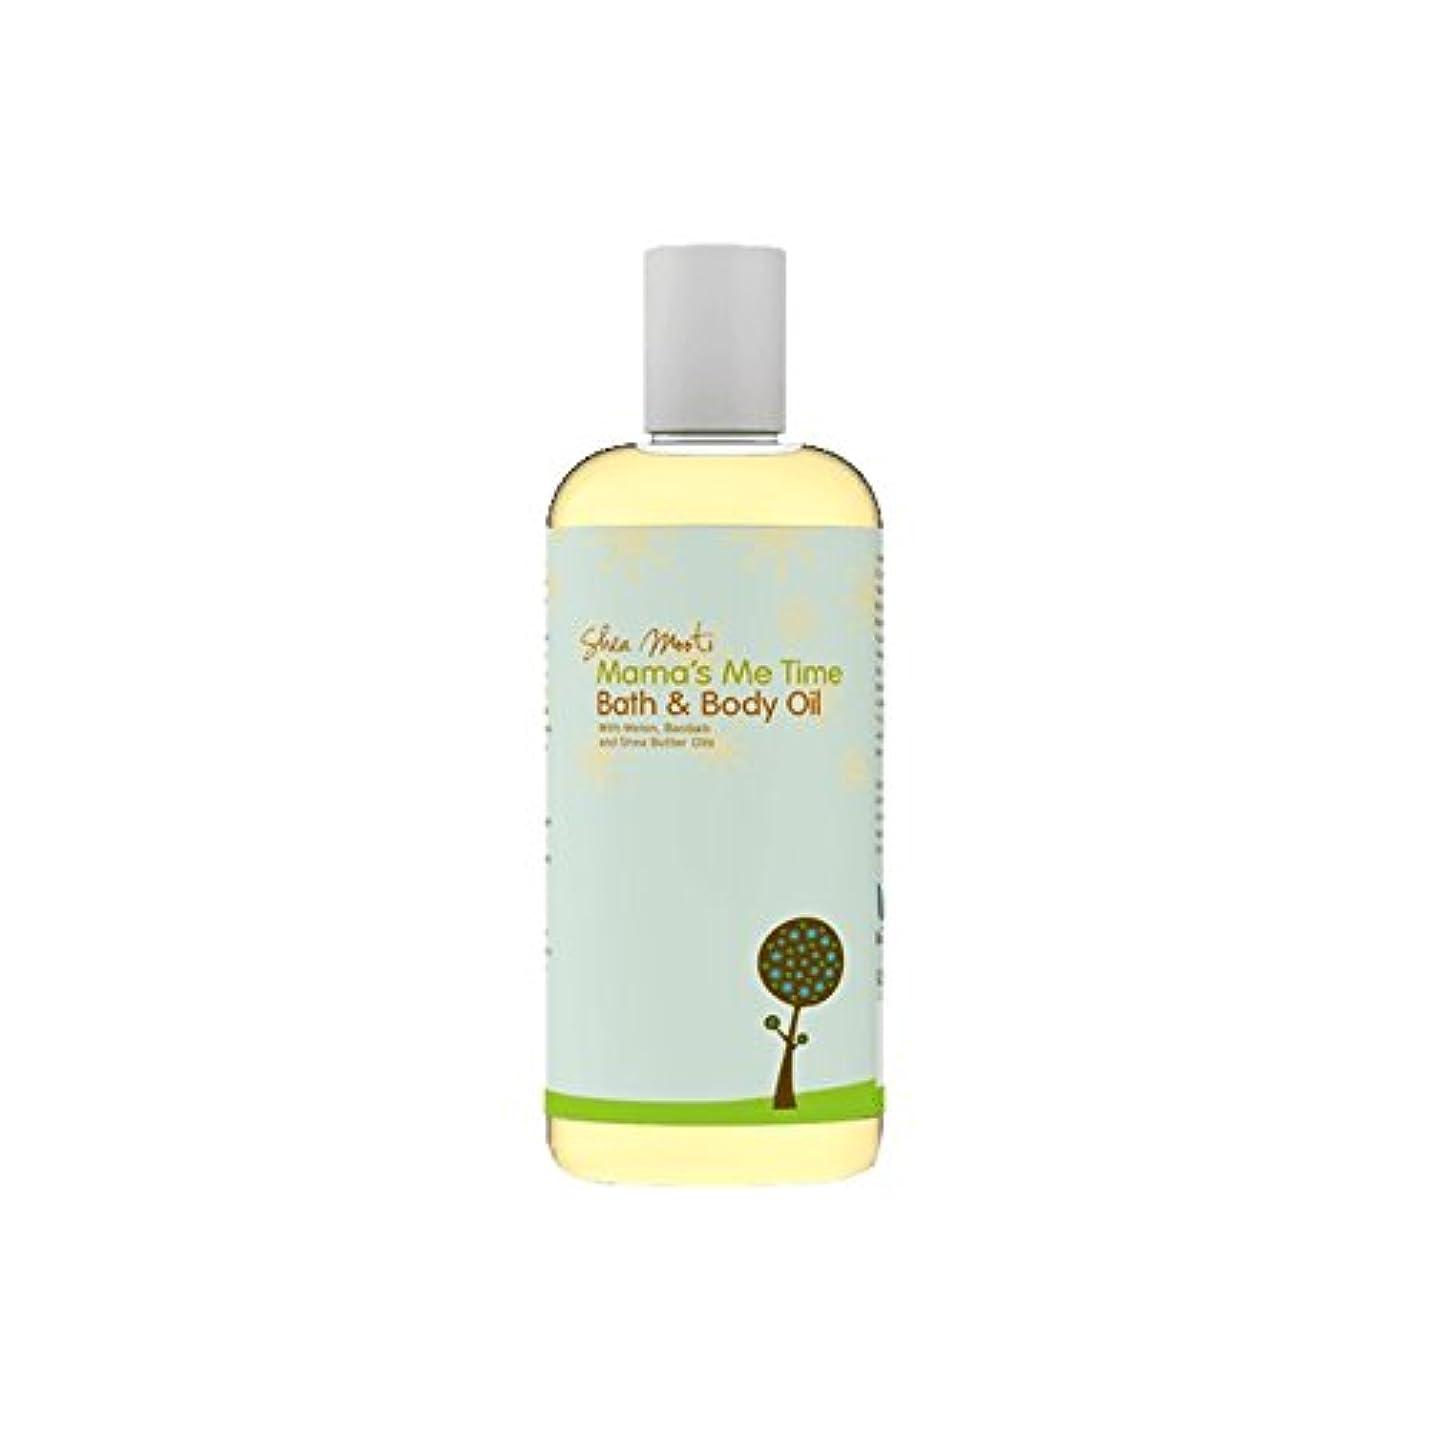 数学的なワードローブカジュアルShea Mooti Mama's Me Time Bath and Body Oil 110g (Pack of 6) - シアバターMootiママの私の時間のバス、ボディオイル110グラム (x6) [並行輸入品]